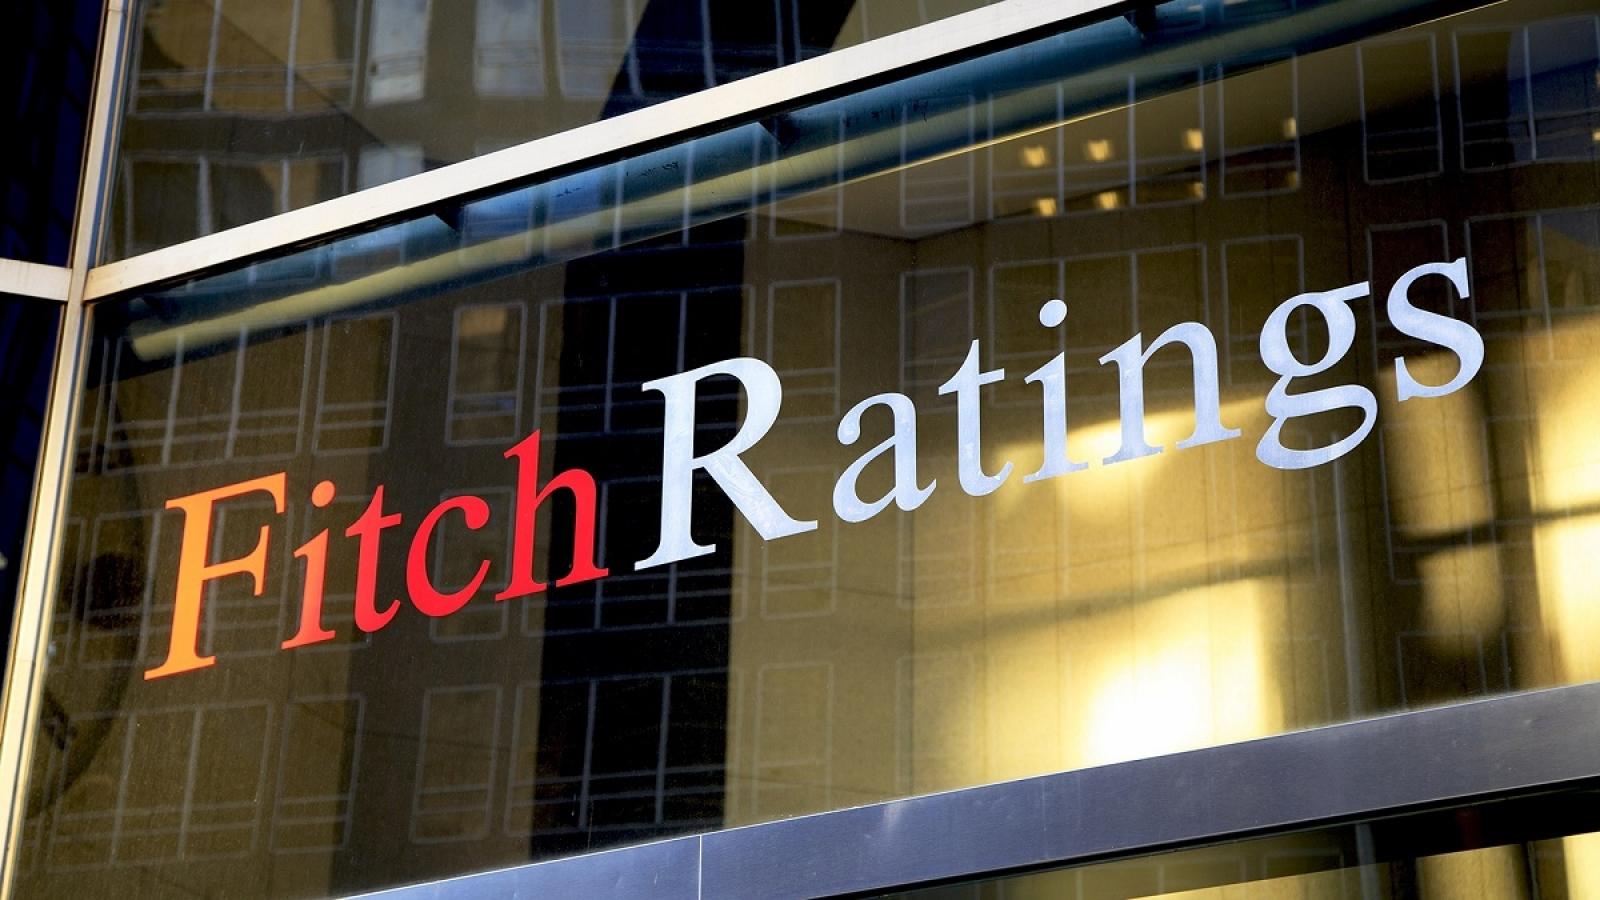 """Fitch Ratings nâng triển vọng của Việt Nam từ """"Ổn định"""" lên """"Tích cực"""""""